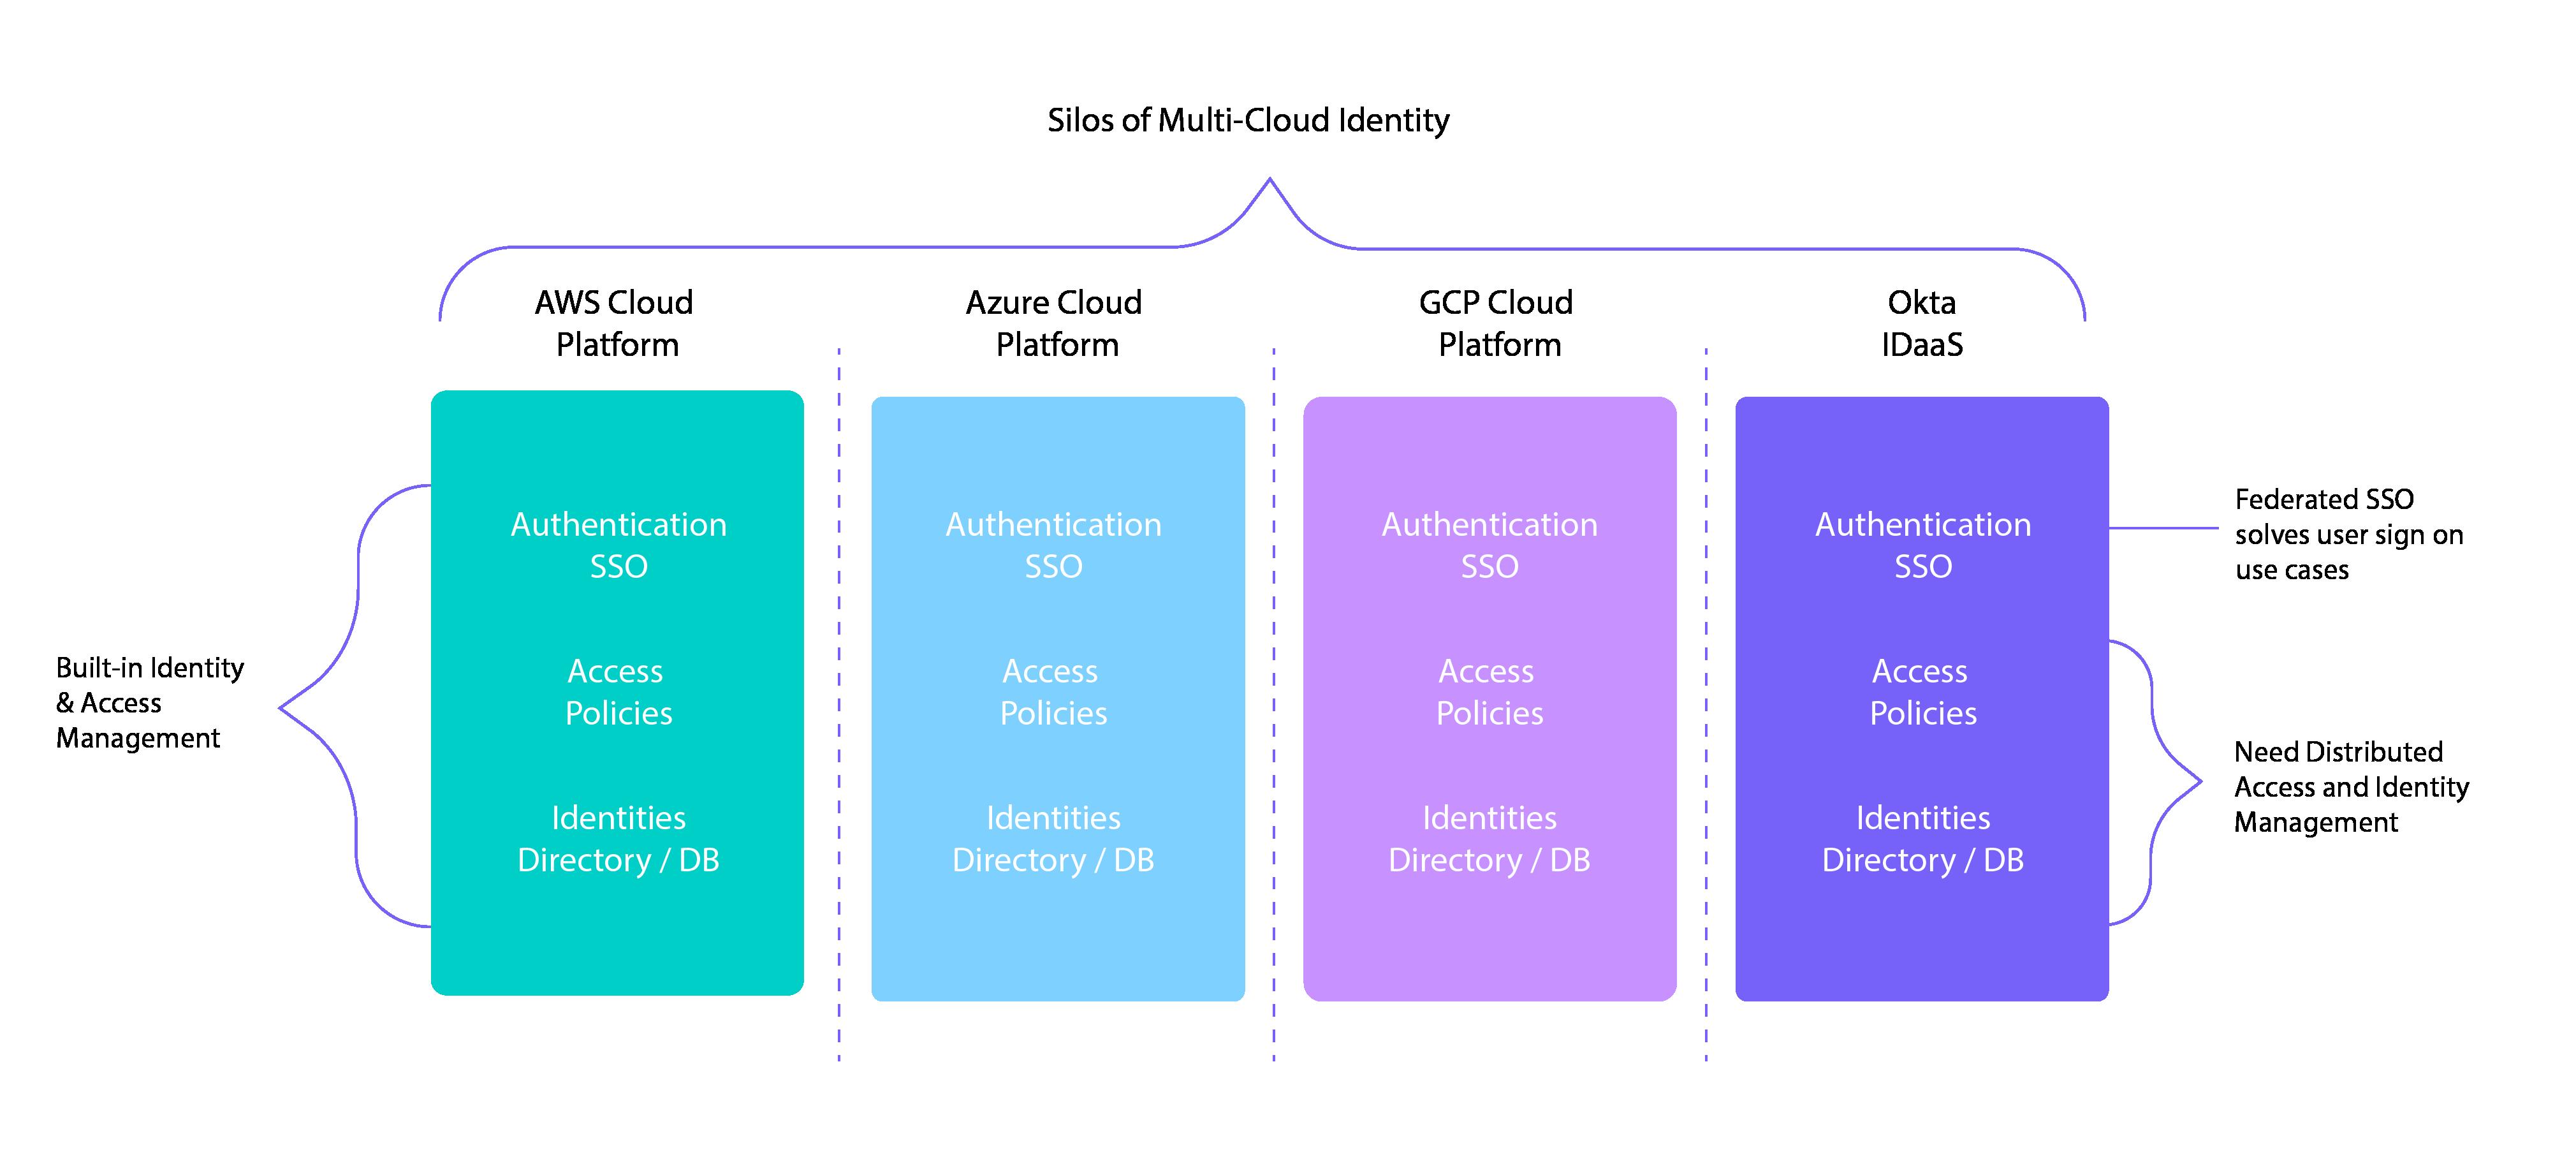 Multi-cloud identity silos